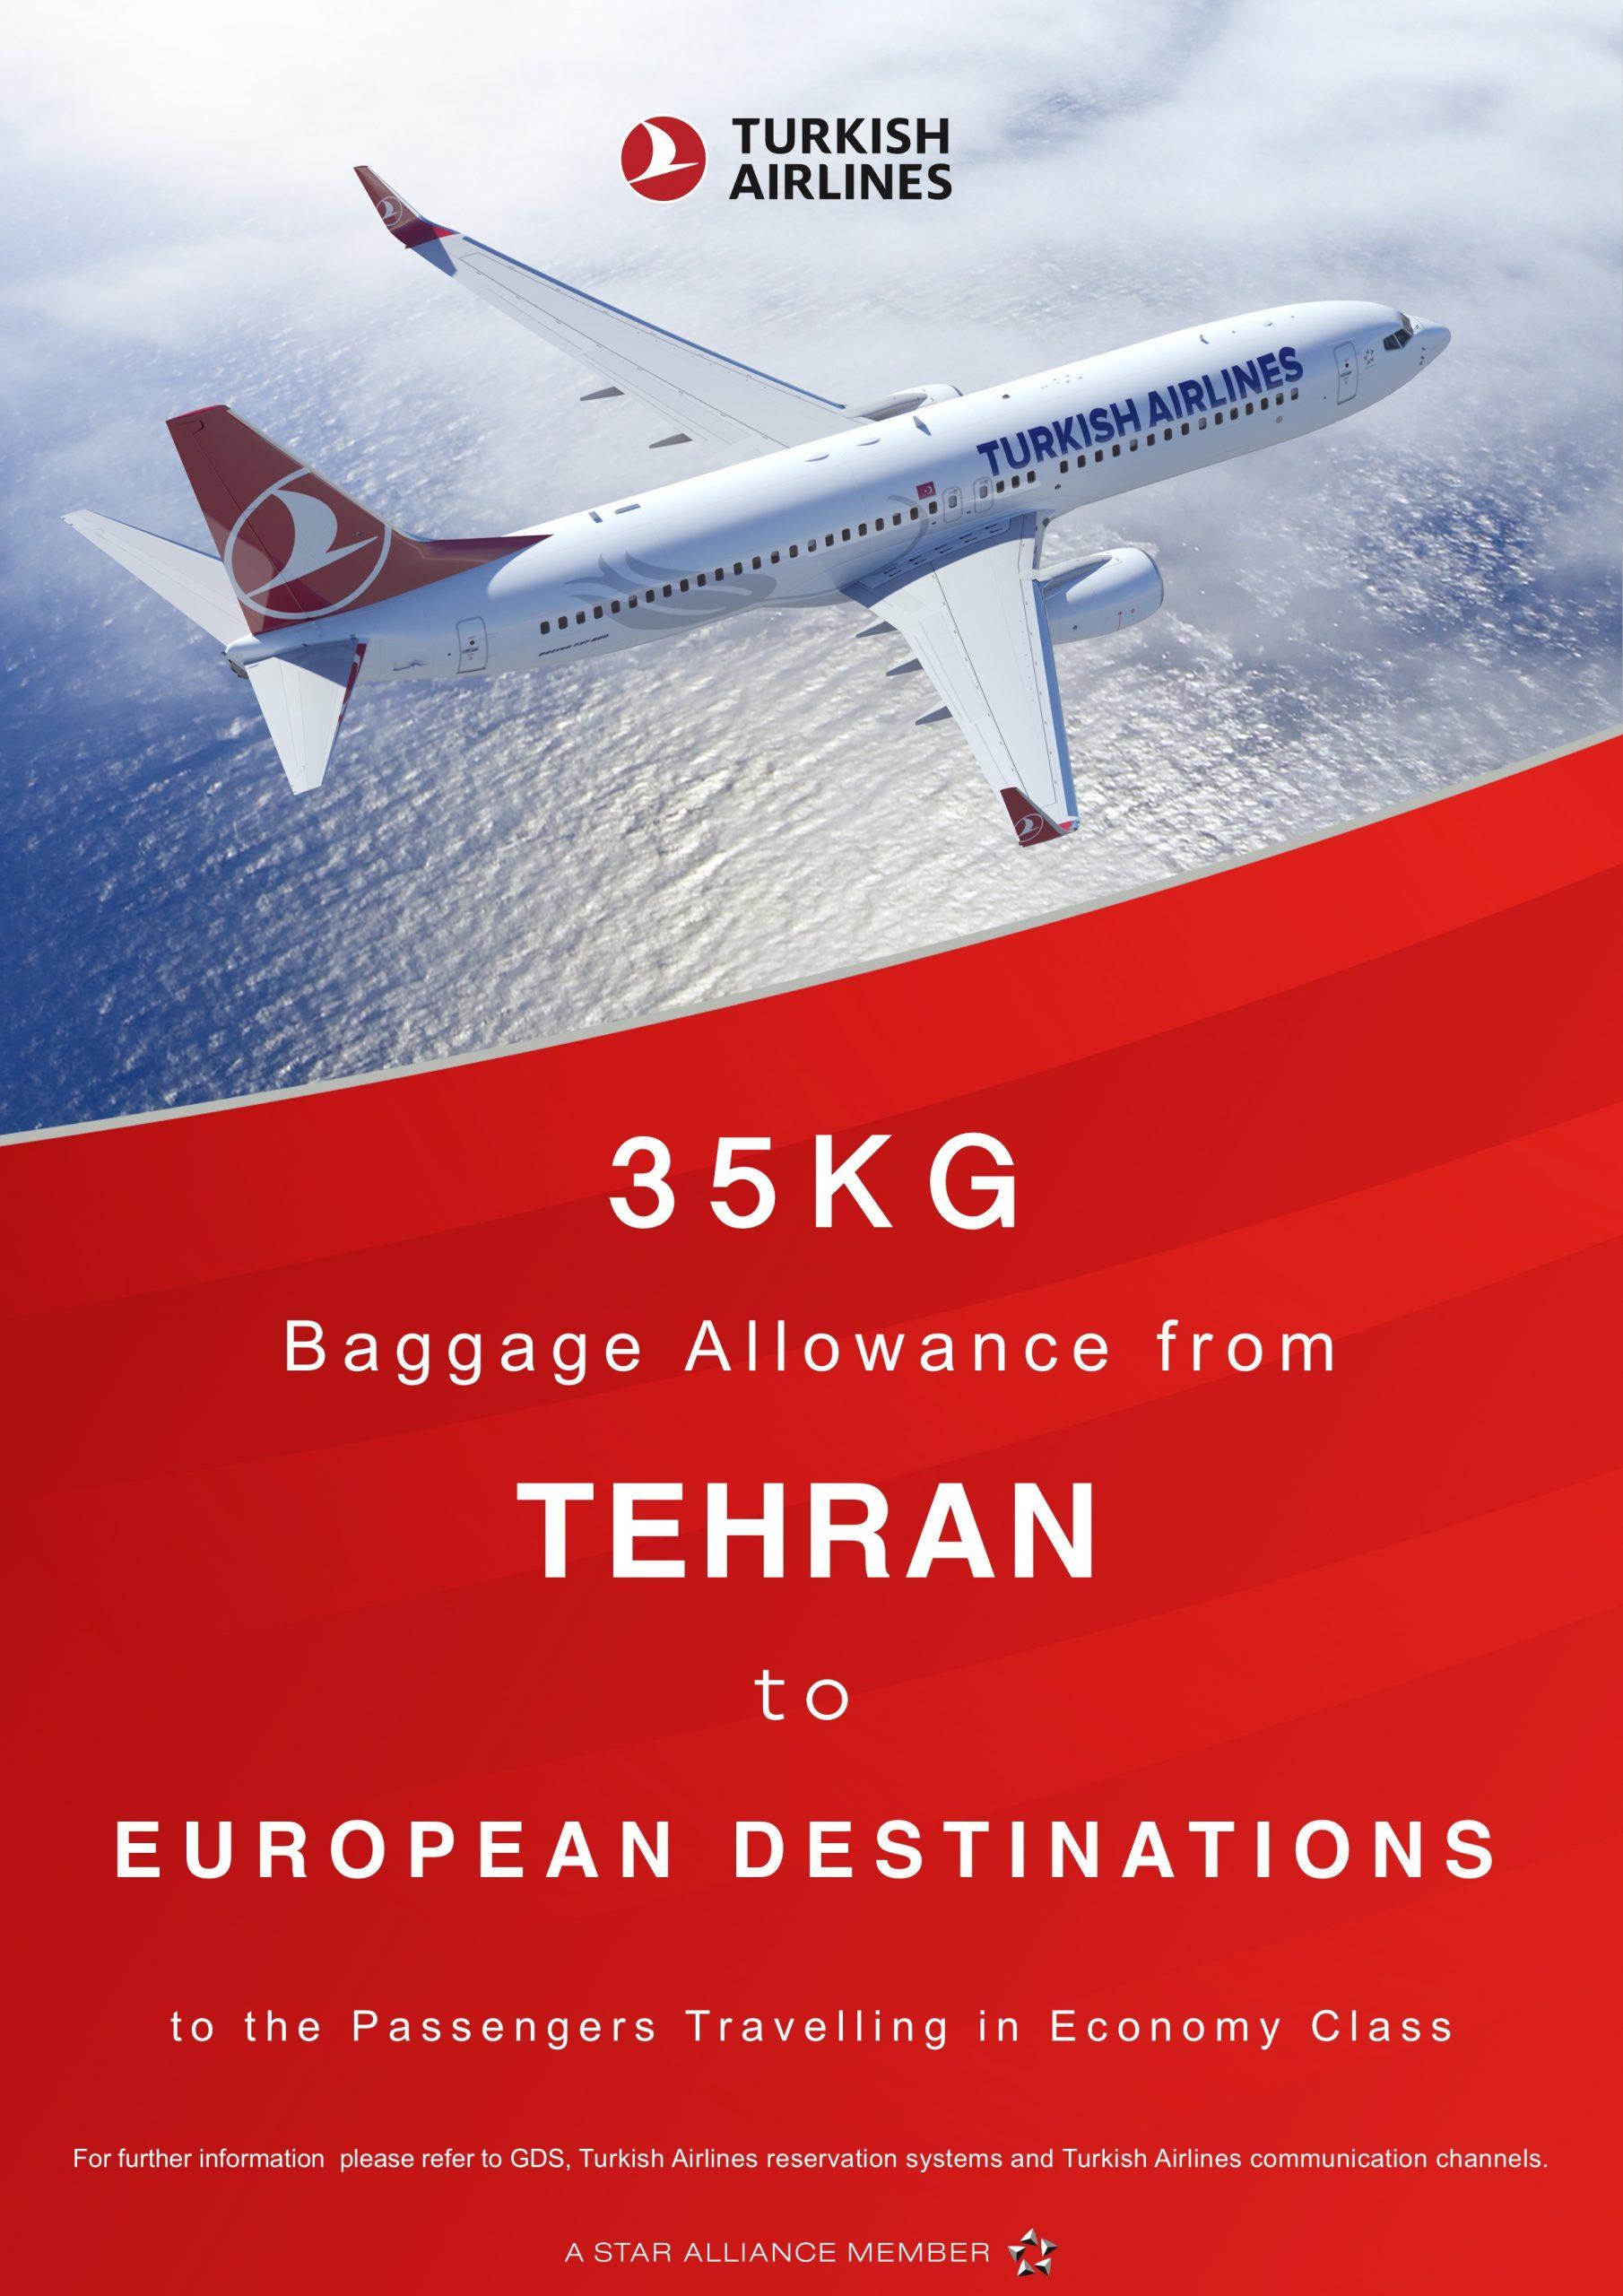 افزایش سقف بار مسافرتی کلاس اکونومی ترکیش به اروپا